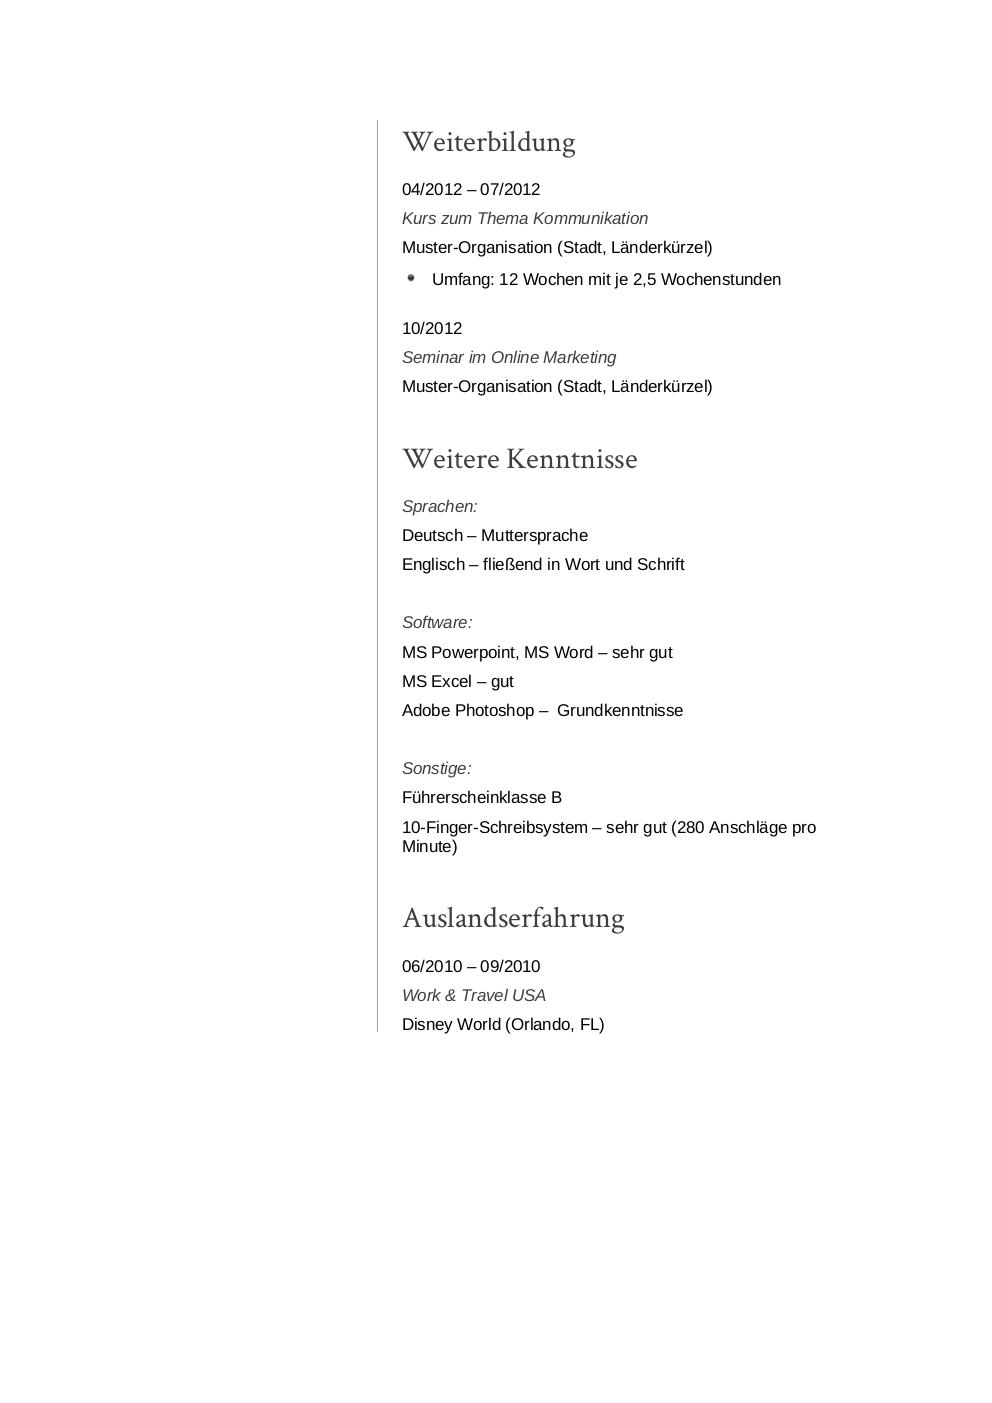 Großzügig Gute Lebenslauf Schriften Galerie - Entry Level Resume ...